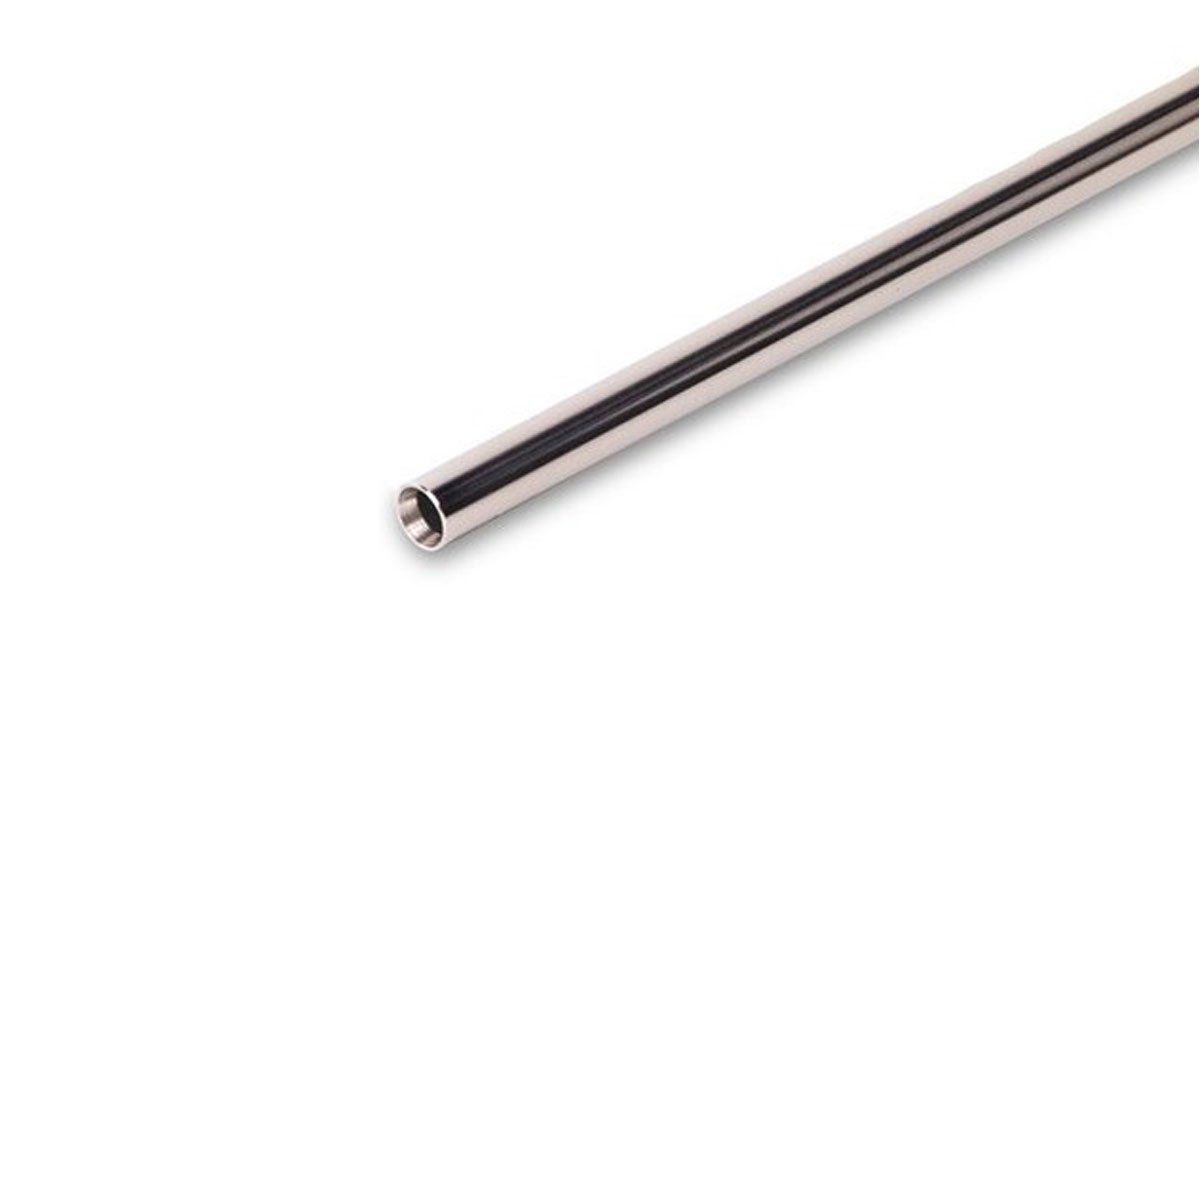 Cano de Precisao em Aco Inox - 509 MM 6.03 mm